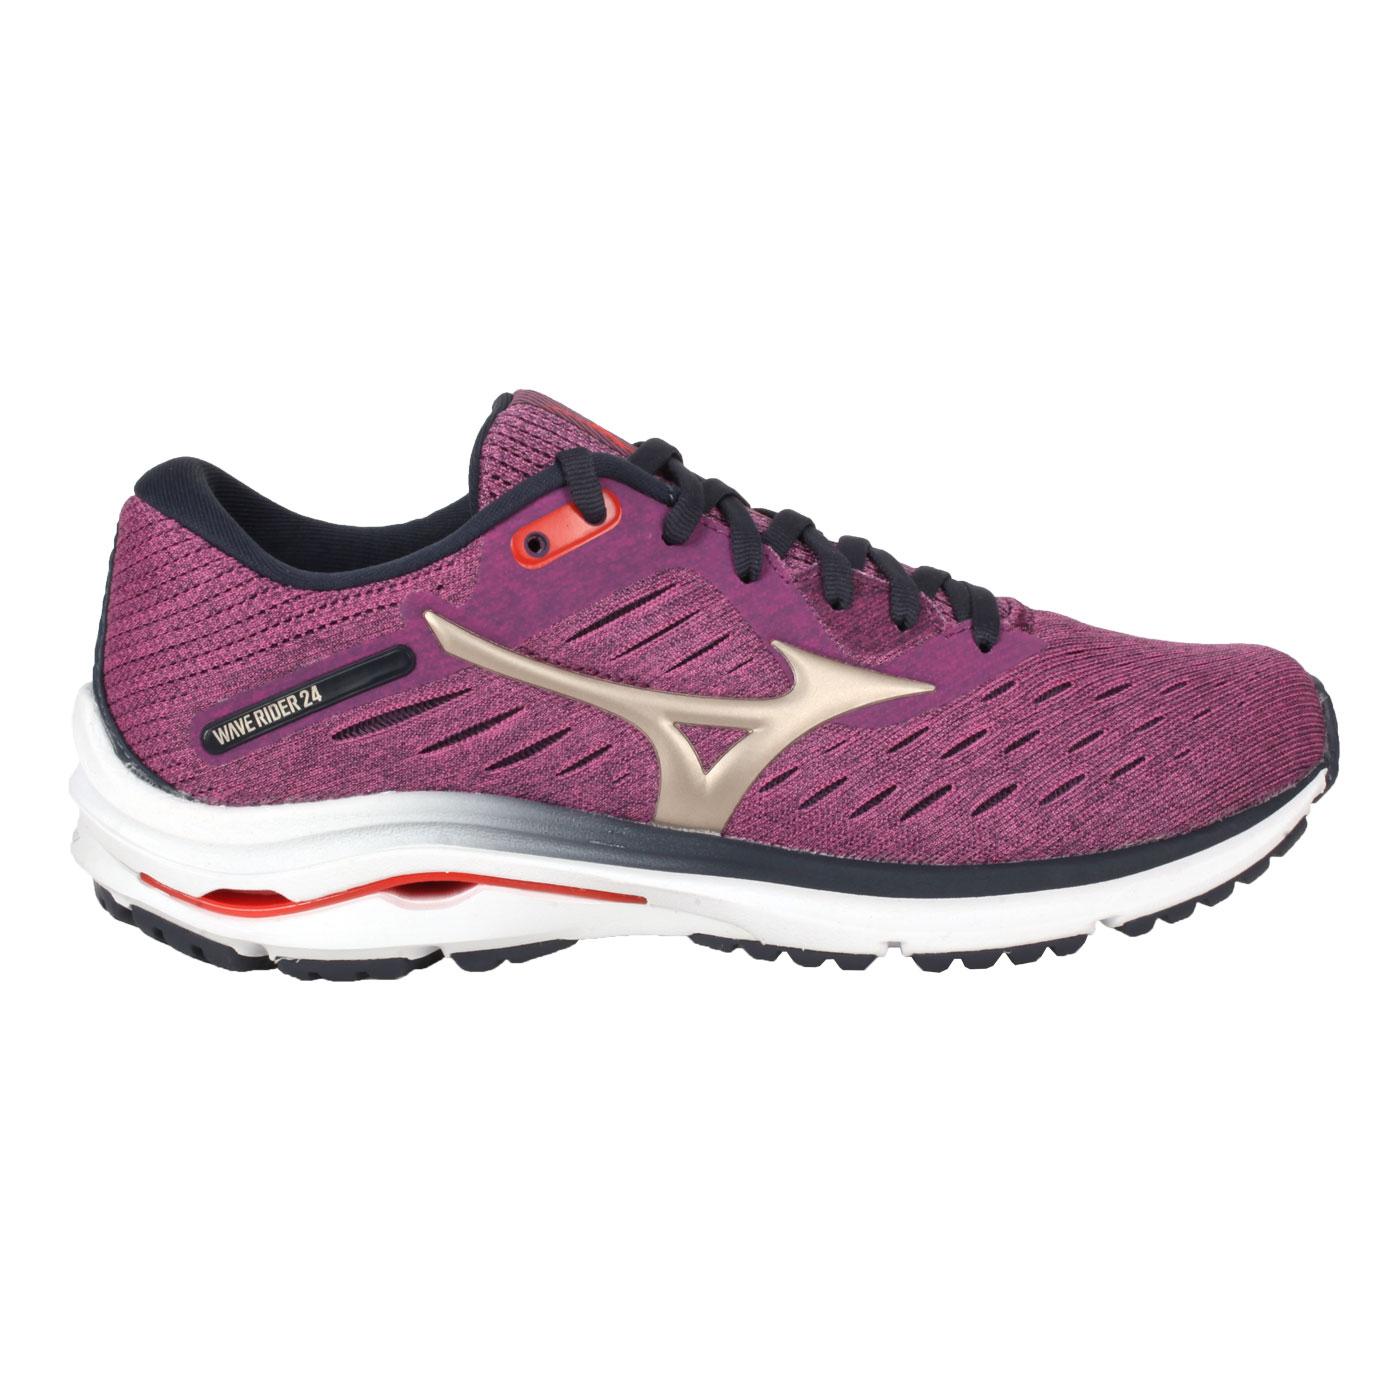 MIZUNO 女款慢跑鞋-WIDE  @WAVE RIDER 24 WIDE@J1GD200642